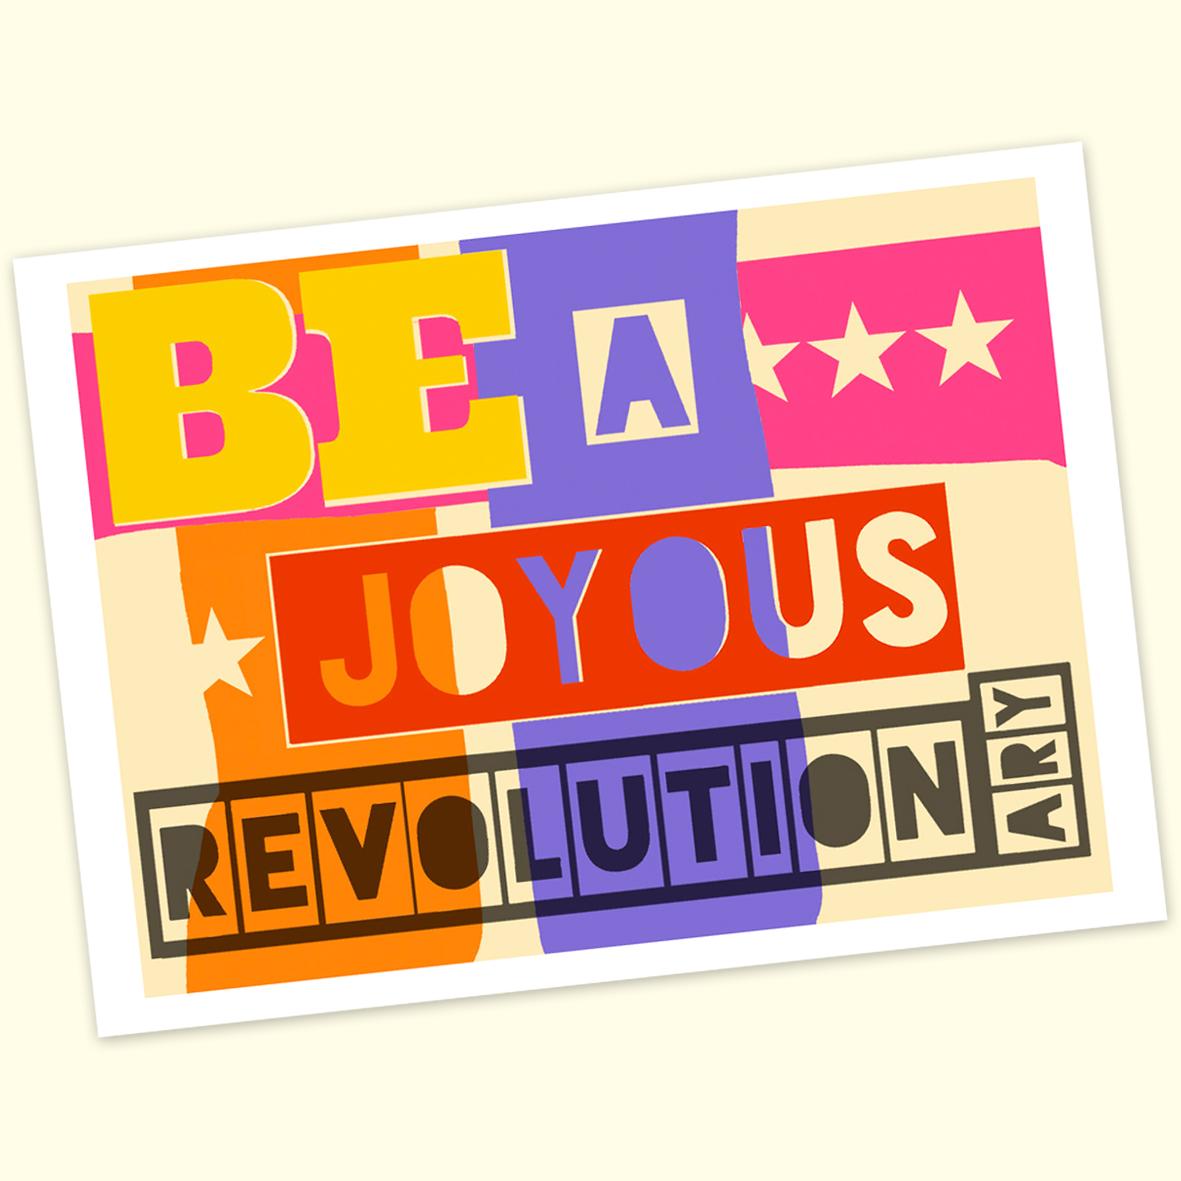 Be A Joyous Revolutionary